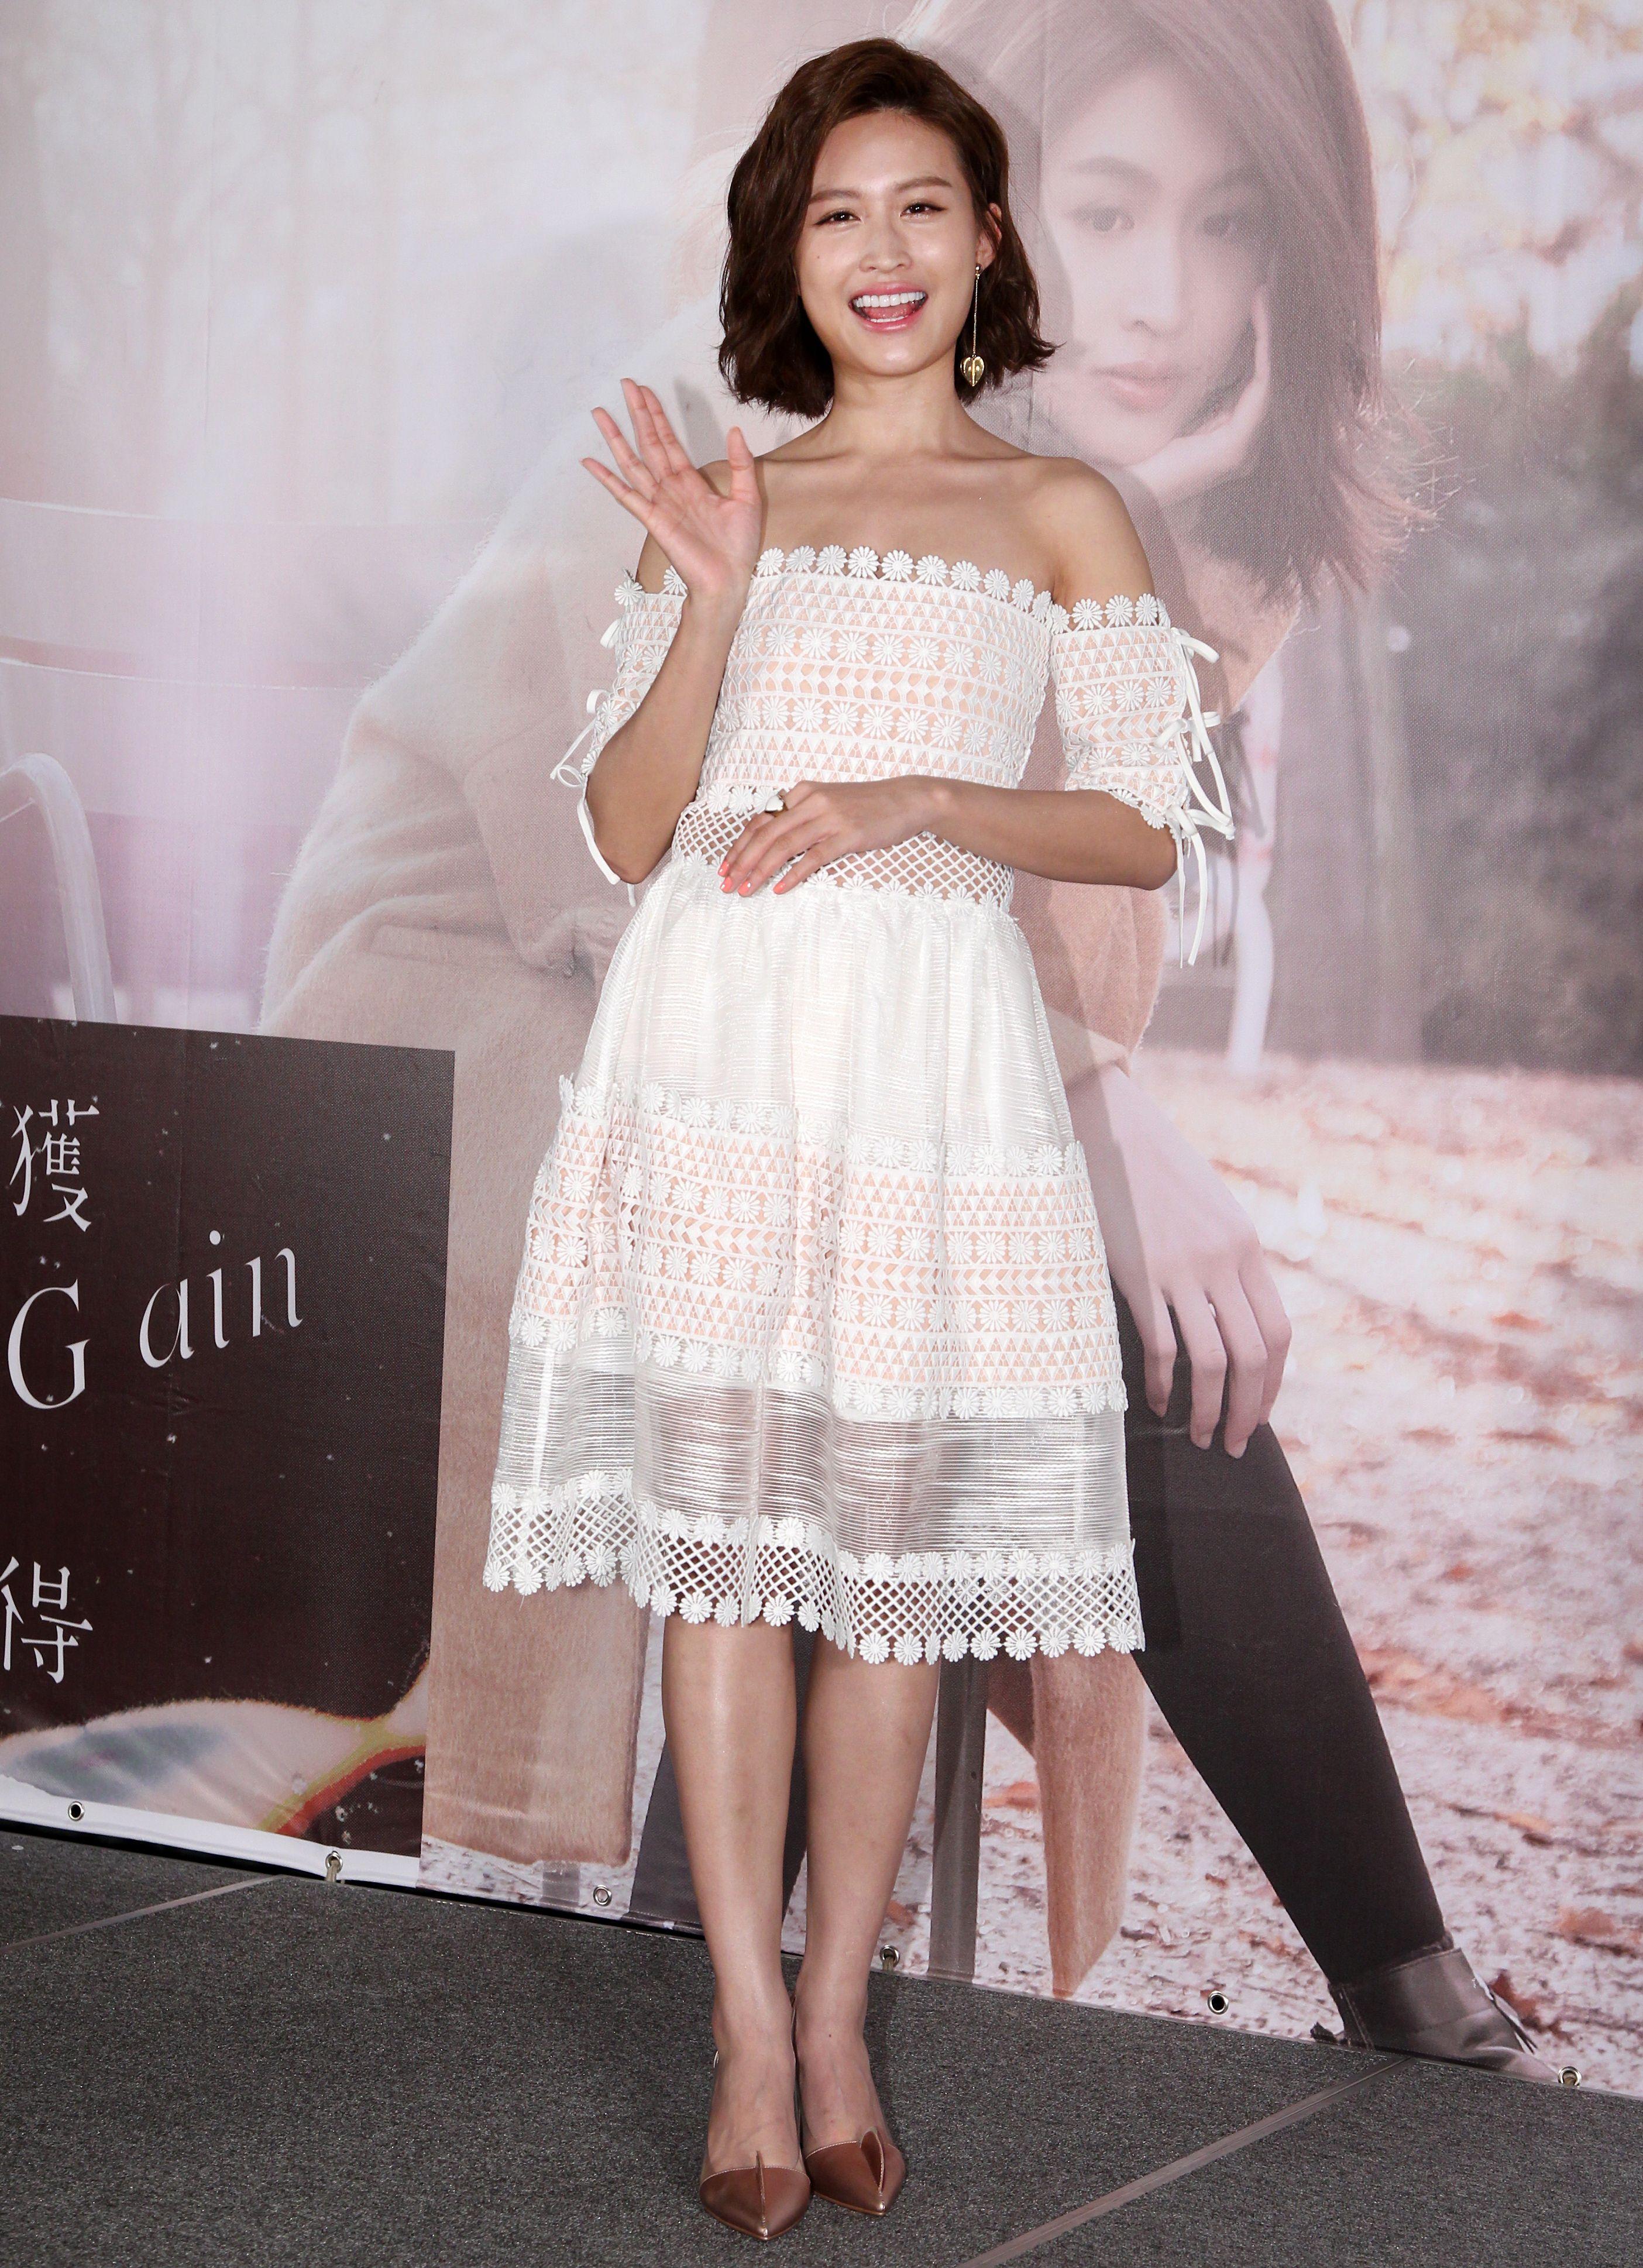 黃若熙迷你音樂專輯「獲得」發行。(記者邱榮吉/攝影)